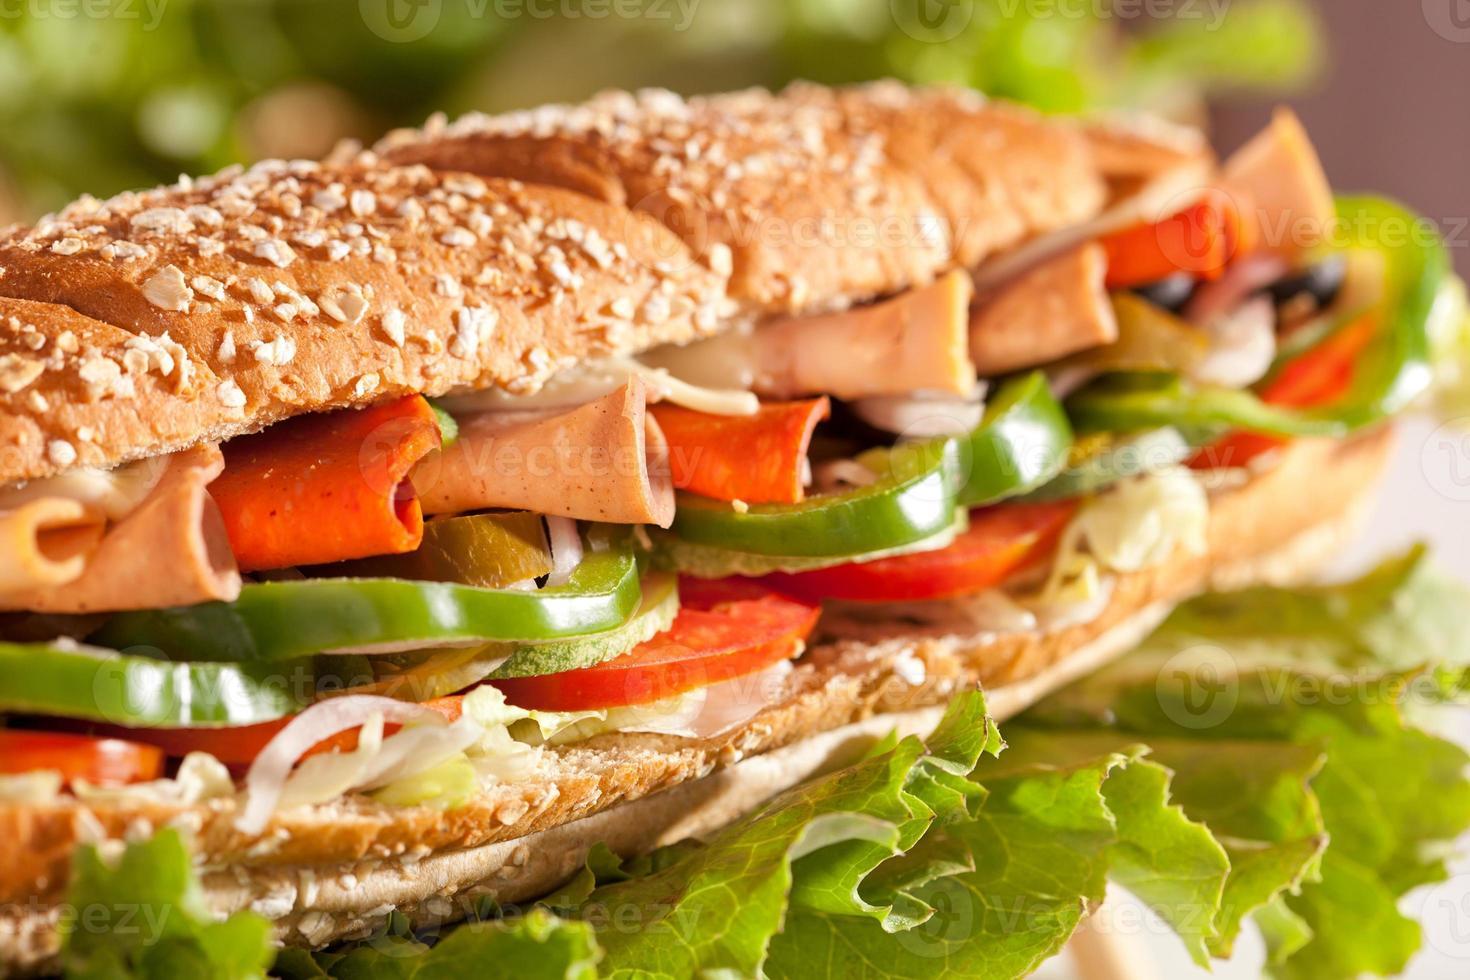 sanduíche de presunto de frango e peru com legumes foto